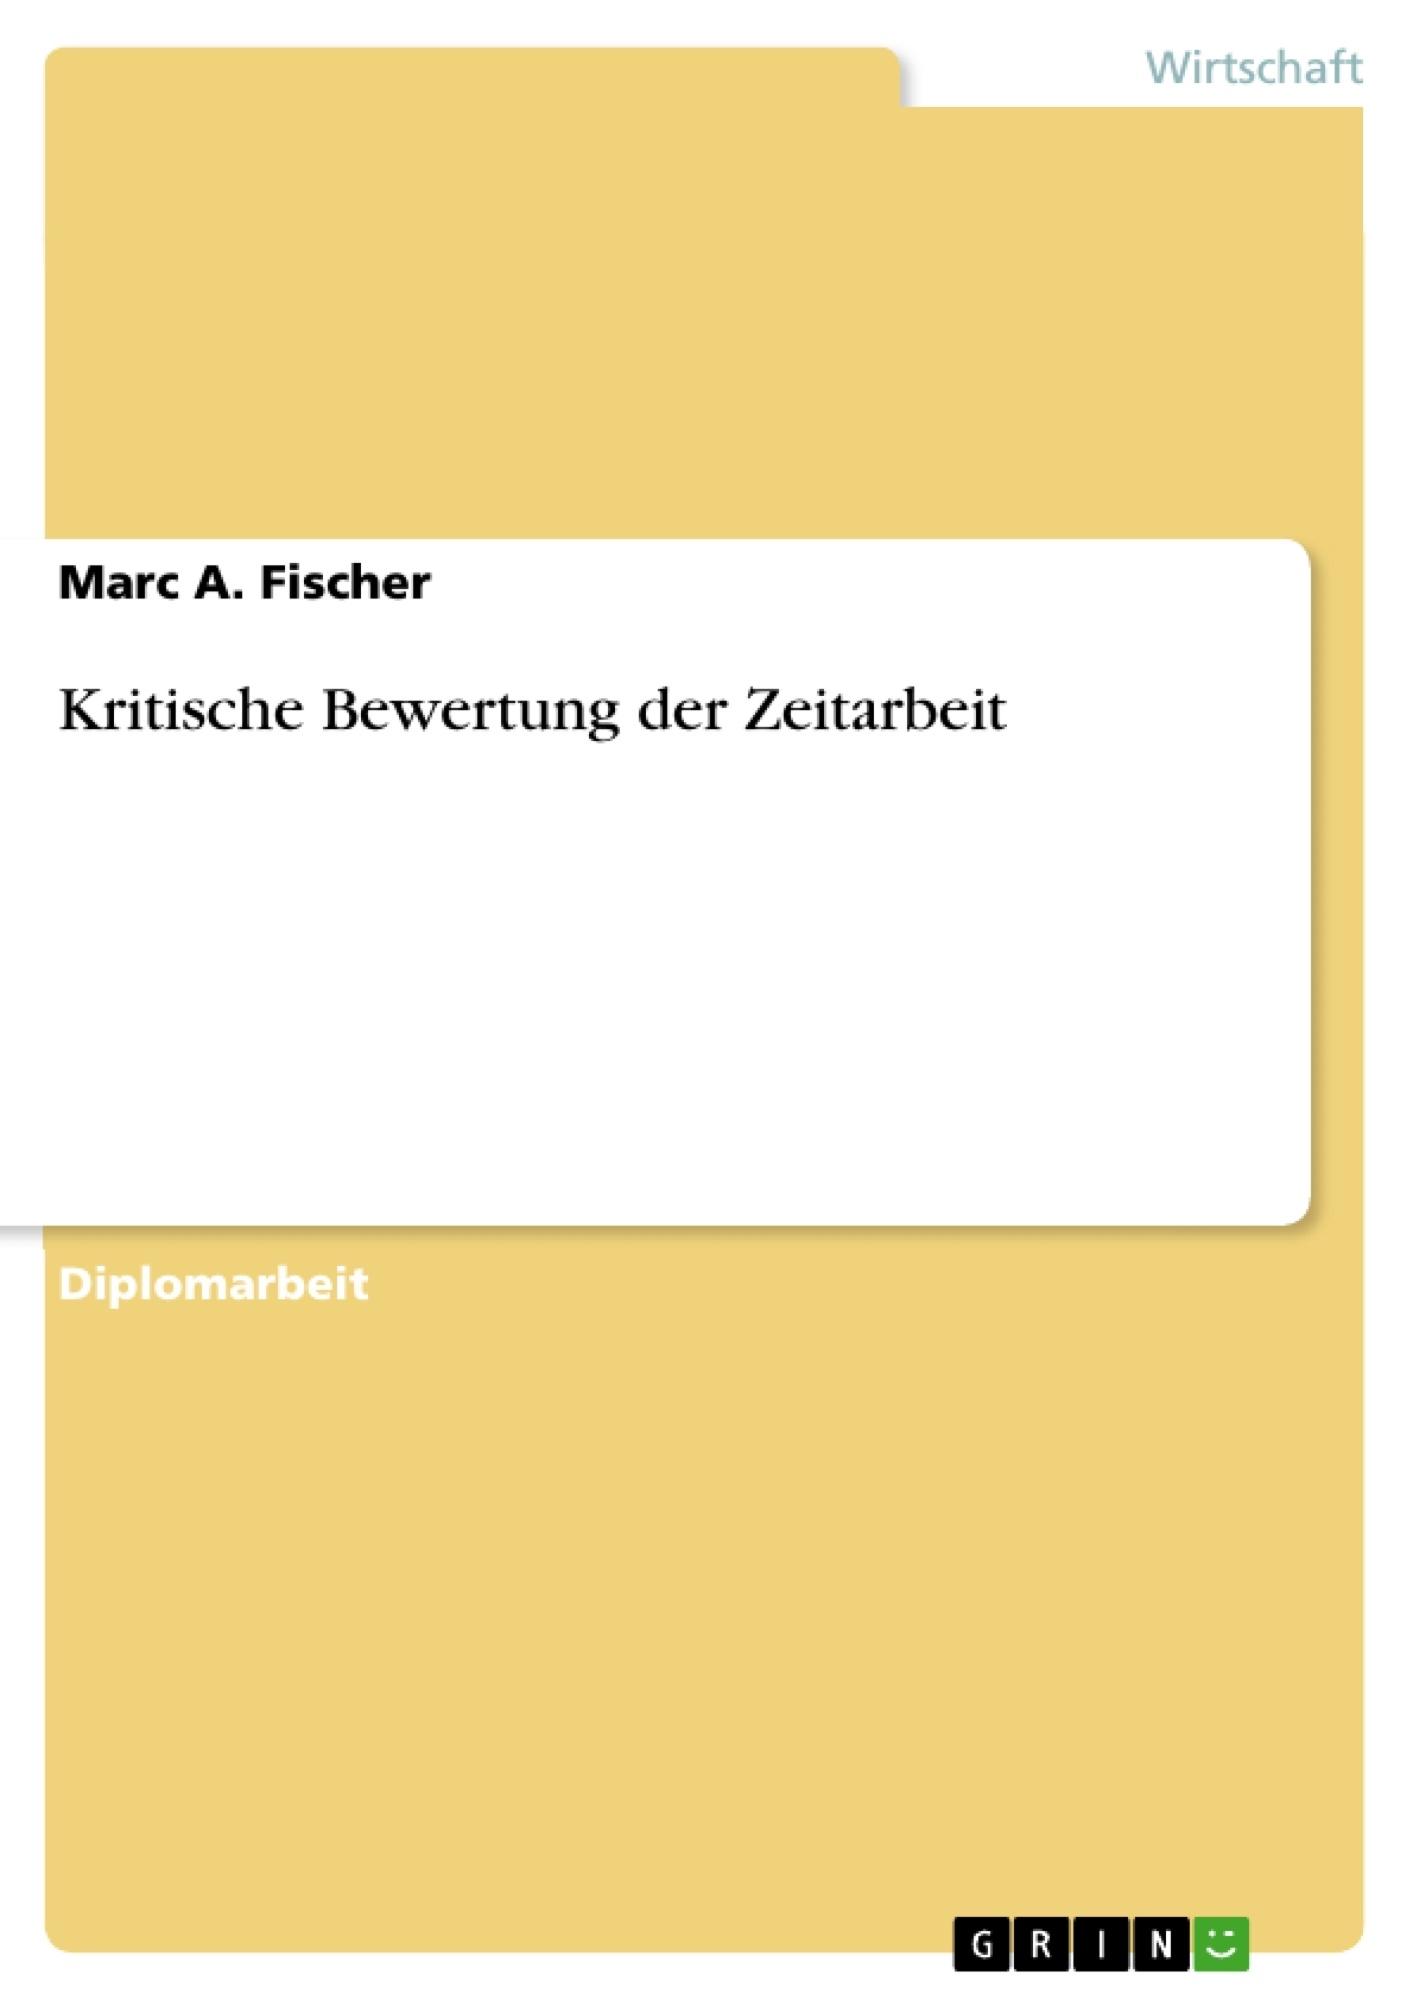 Titel: Kritische Bewertung der Zeitarbeit